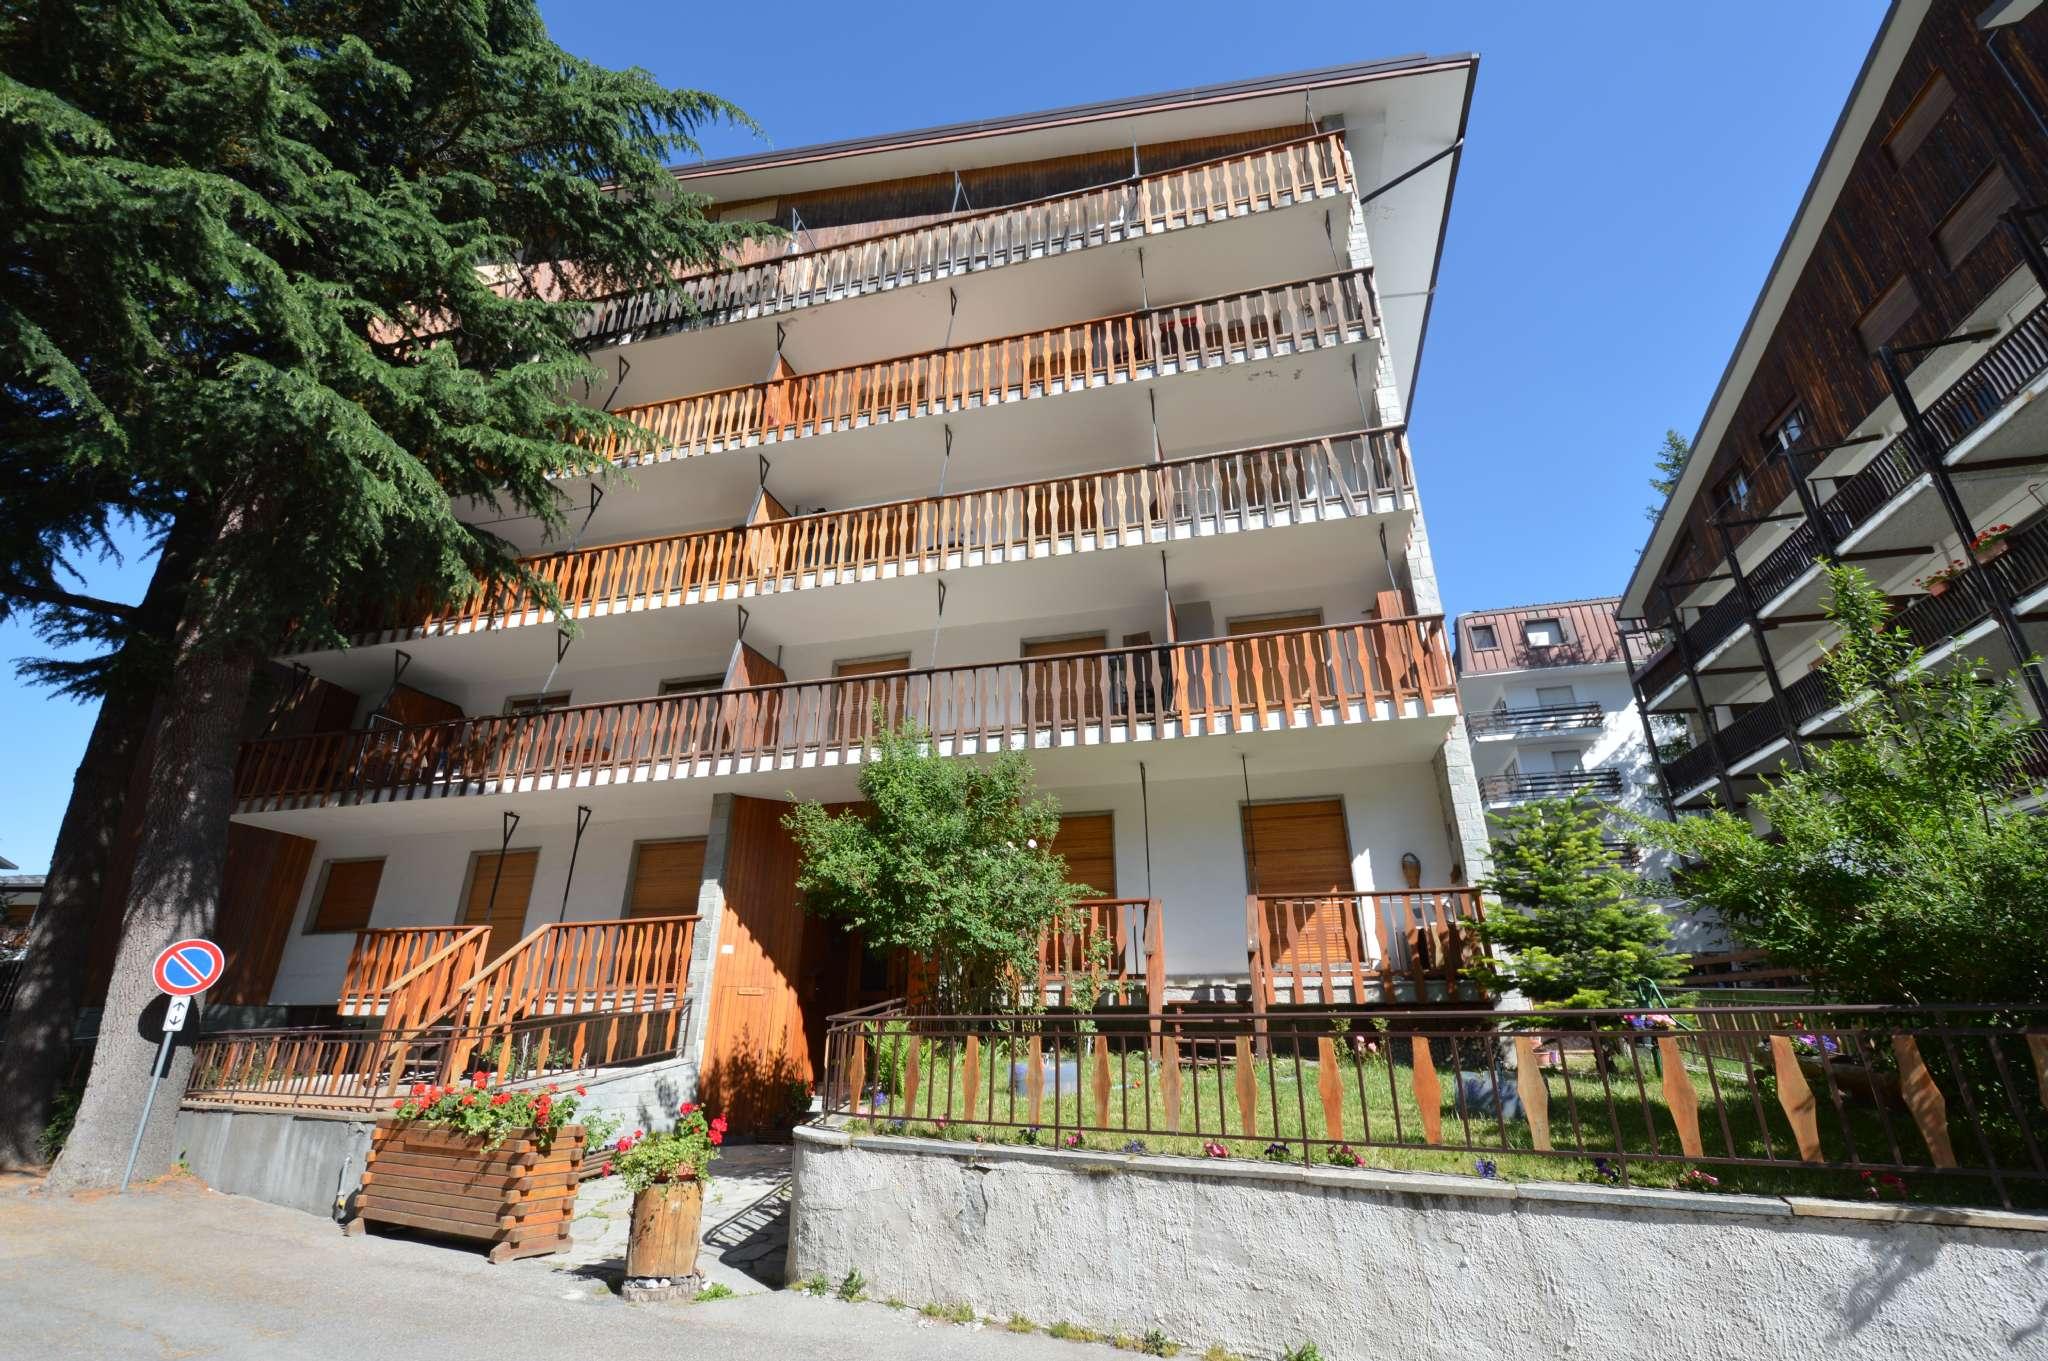 Appartamento in vendita a Sauze d'Oulx, 2 locali, prezzo € 145.000 | PortaleAgenzieImmobiliari.it